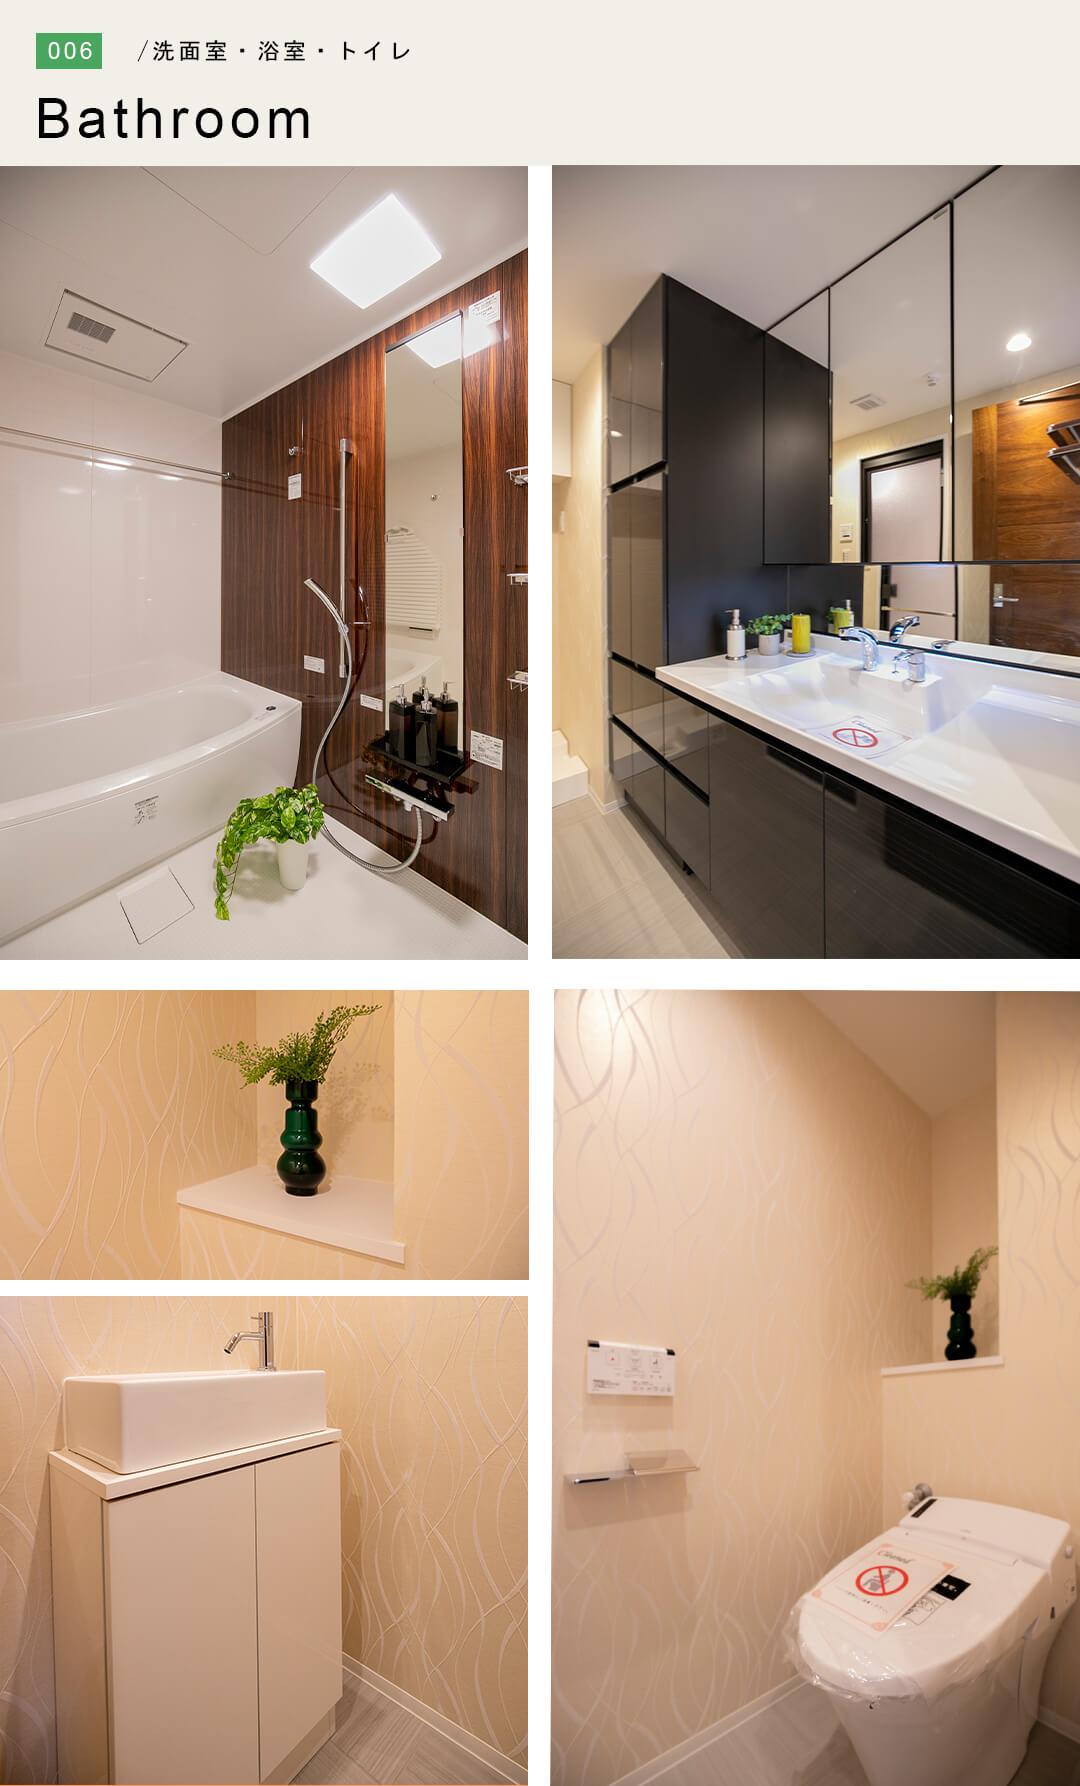 ファミール杉並・堀ノ内ガーデンテラスの洗面室と浴室とトイレ